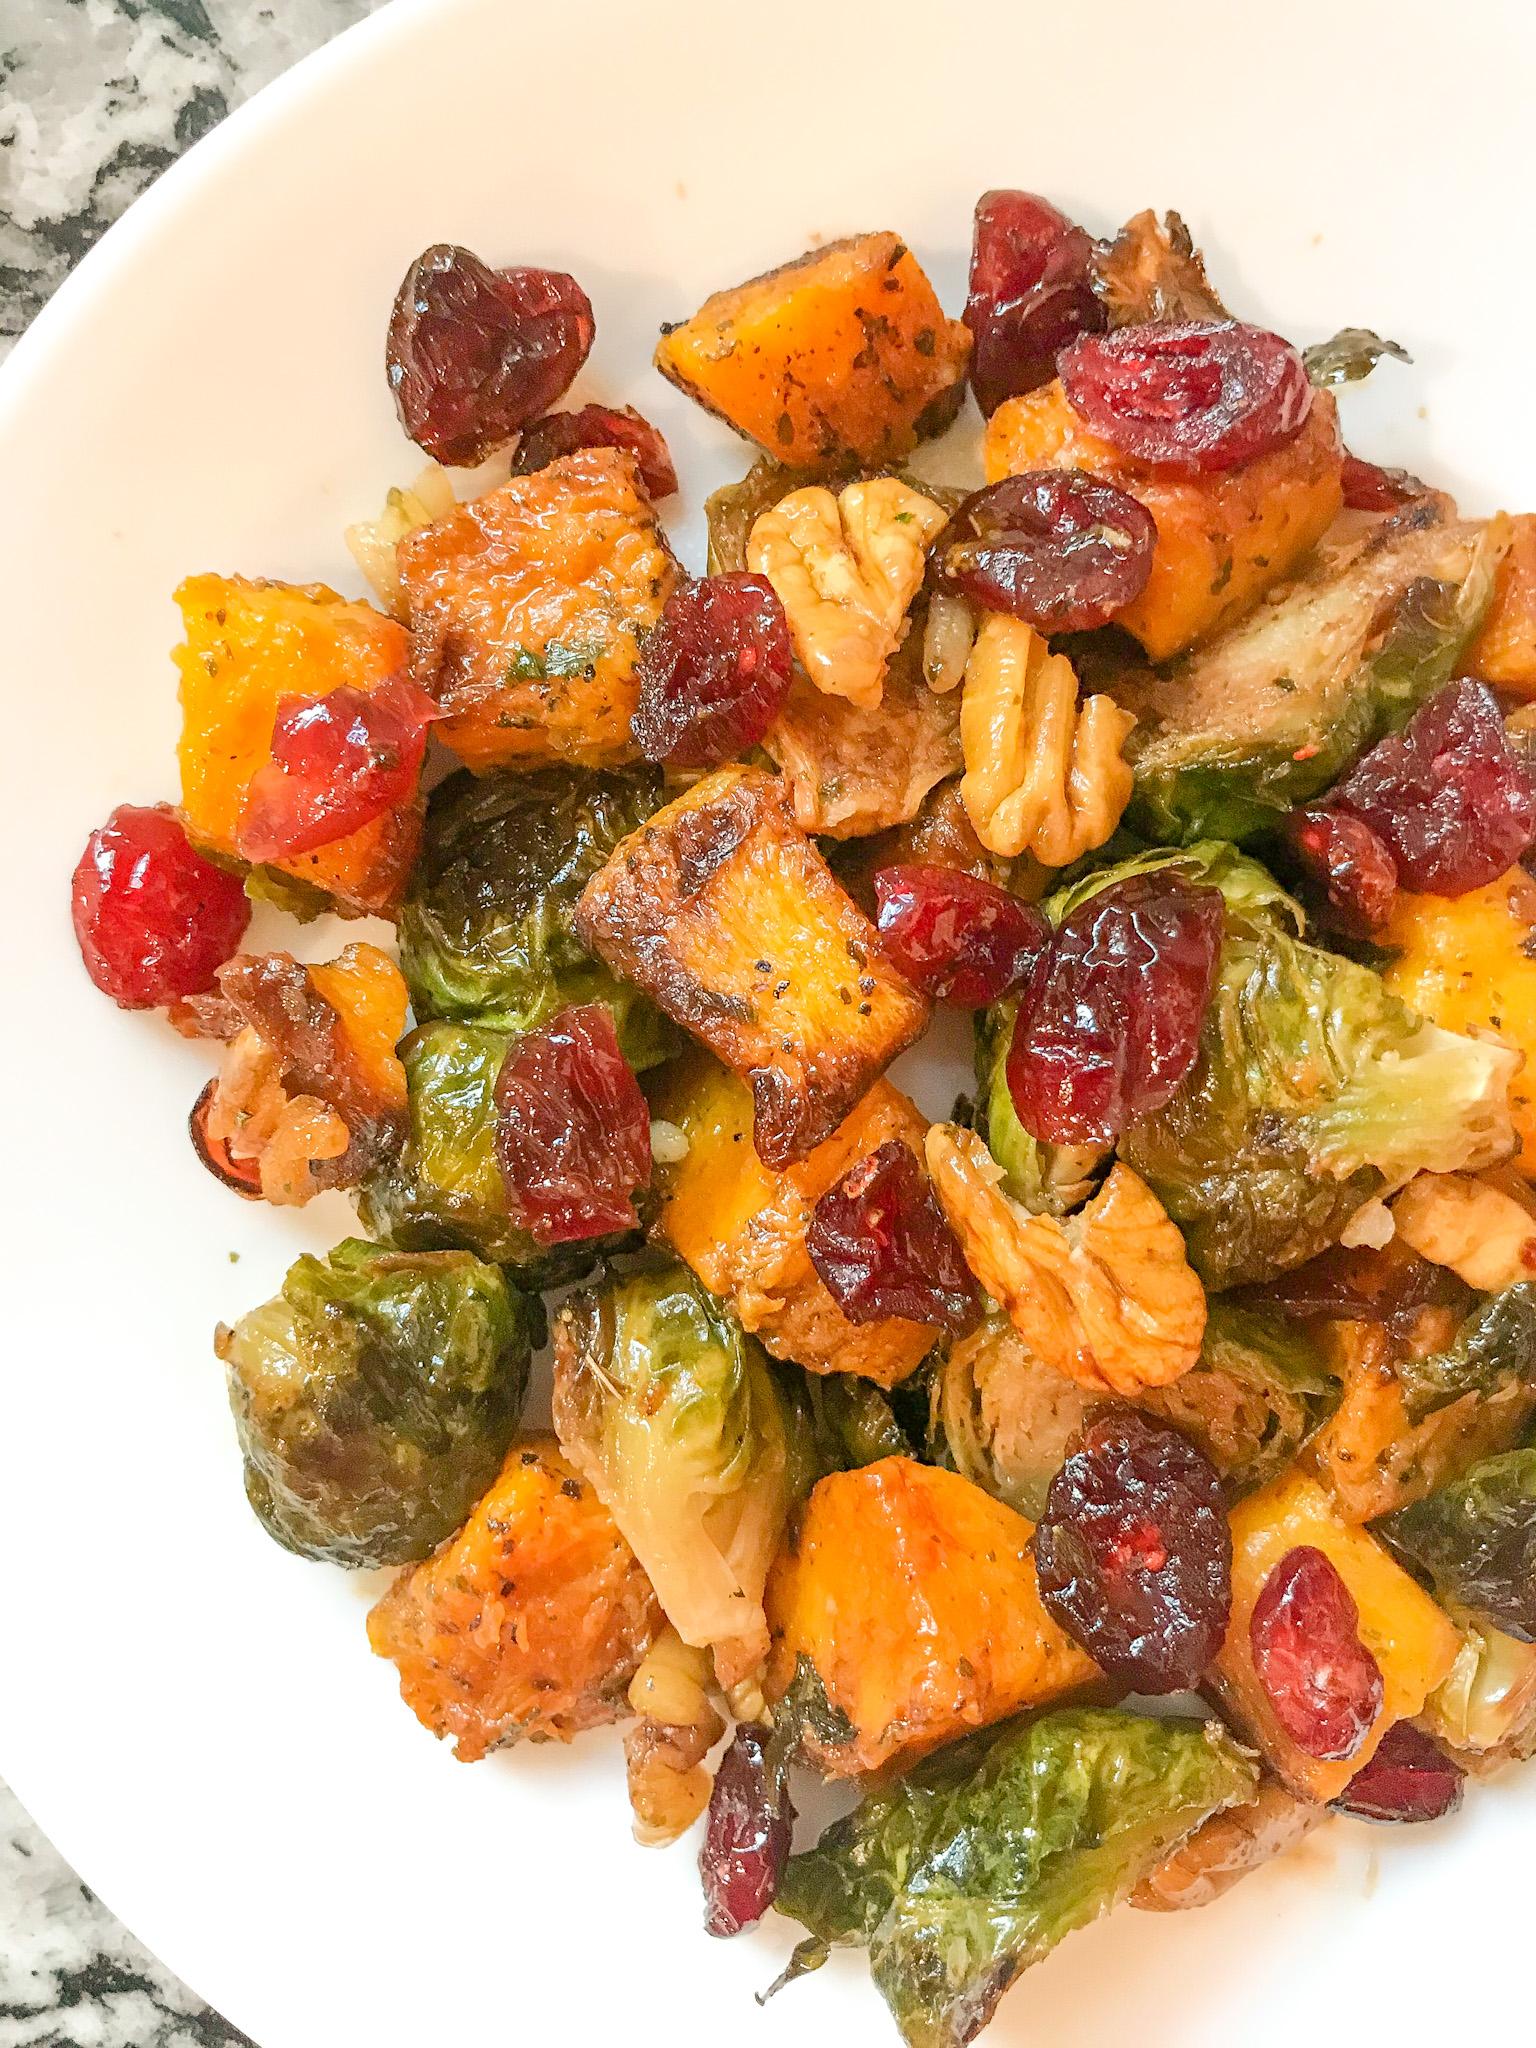 Autumn Roasted Veggies